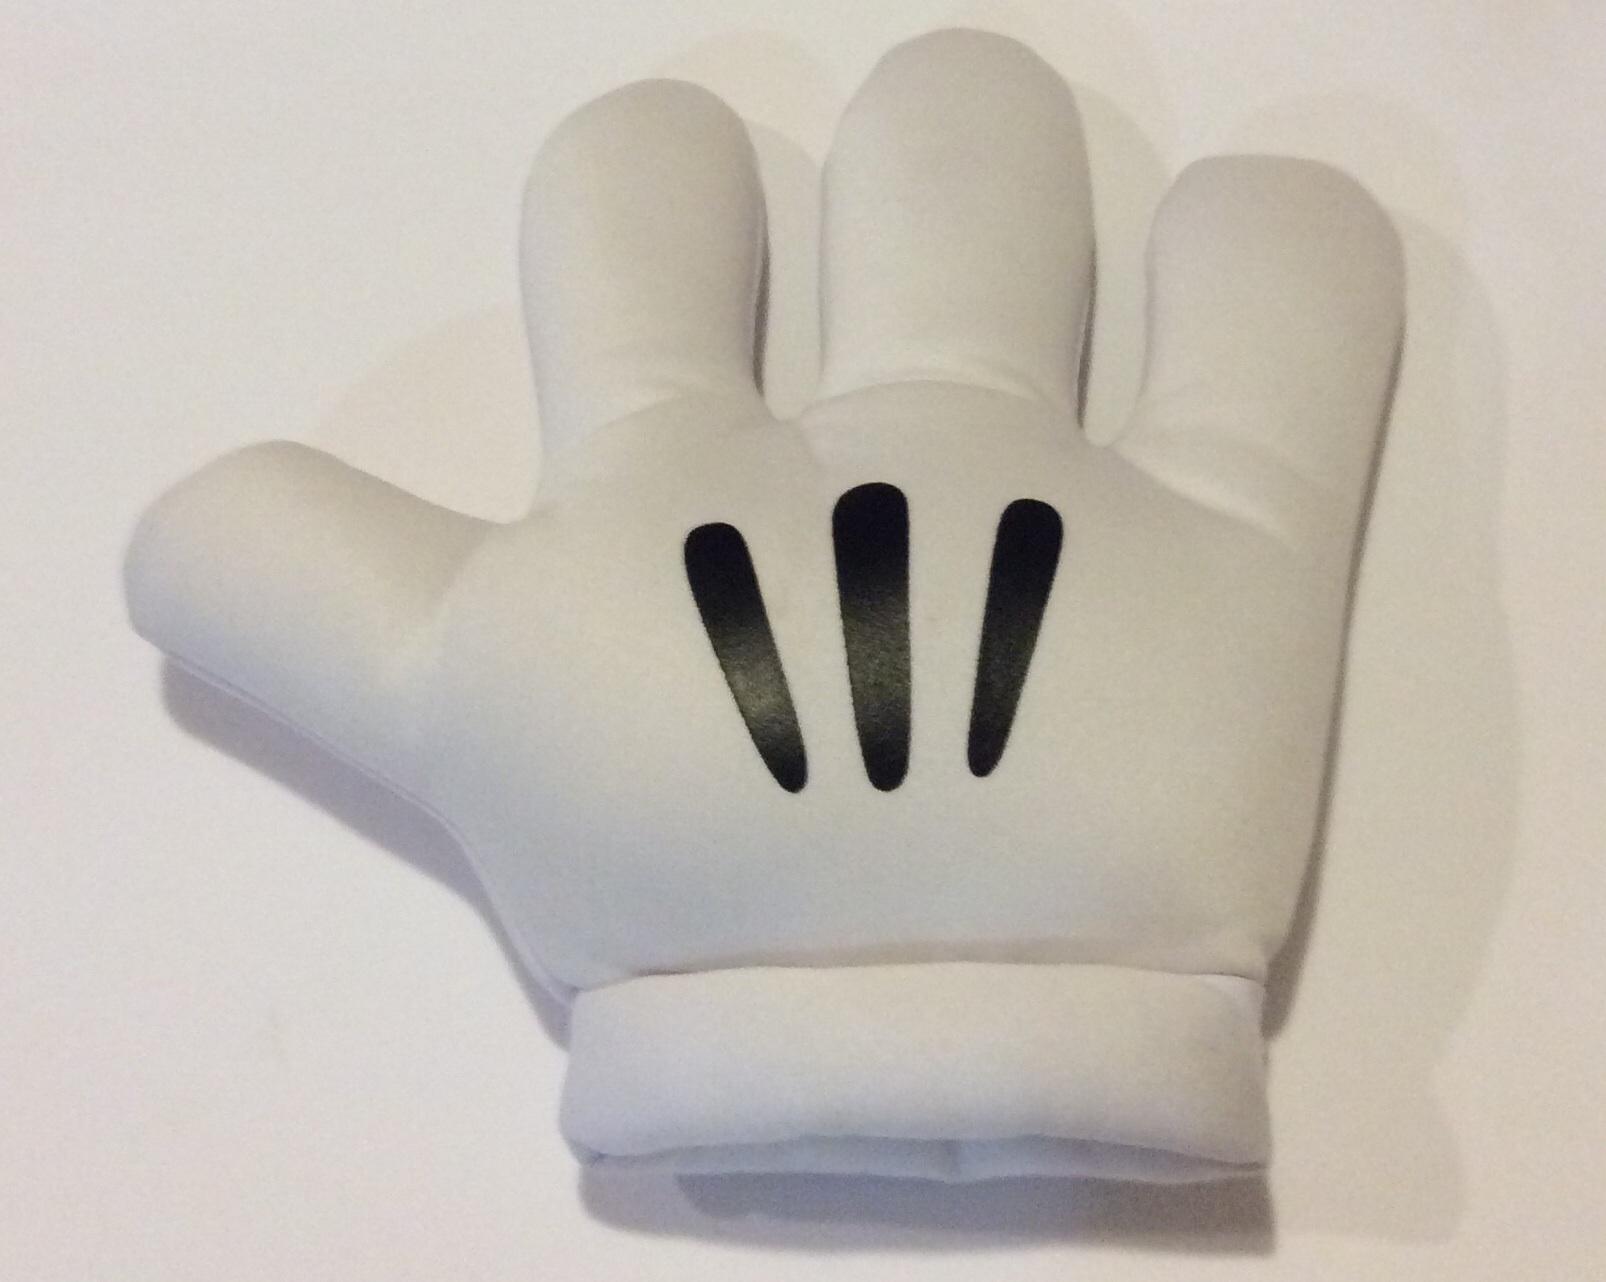 Toon Gloves